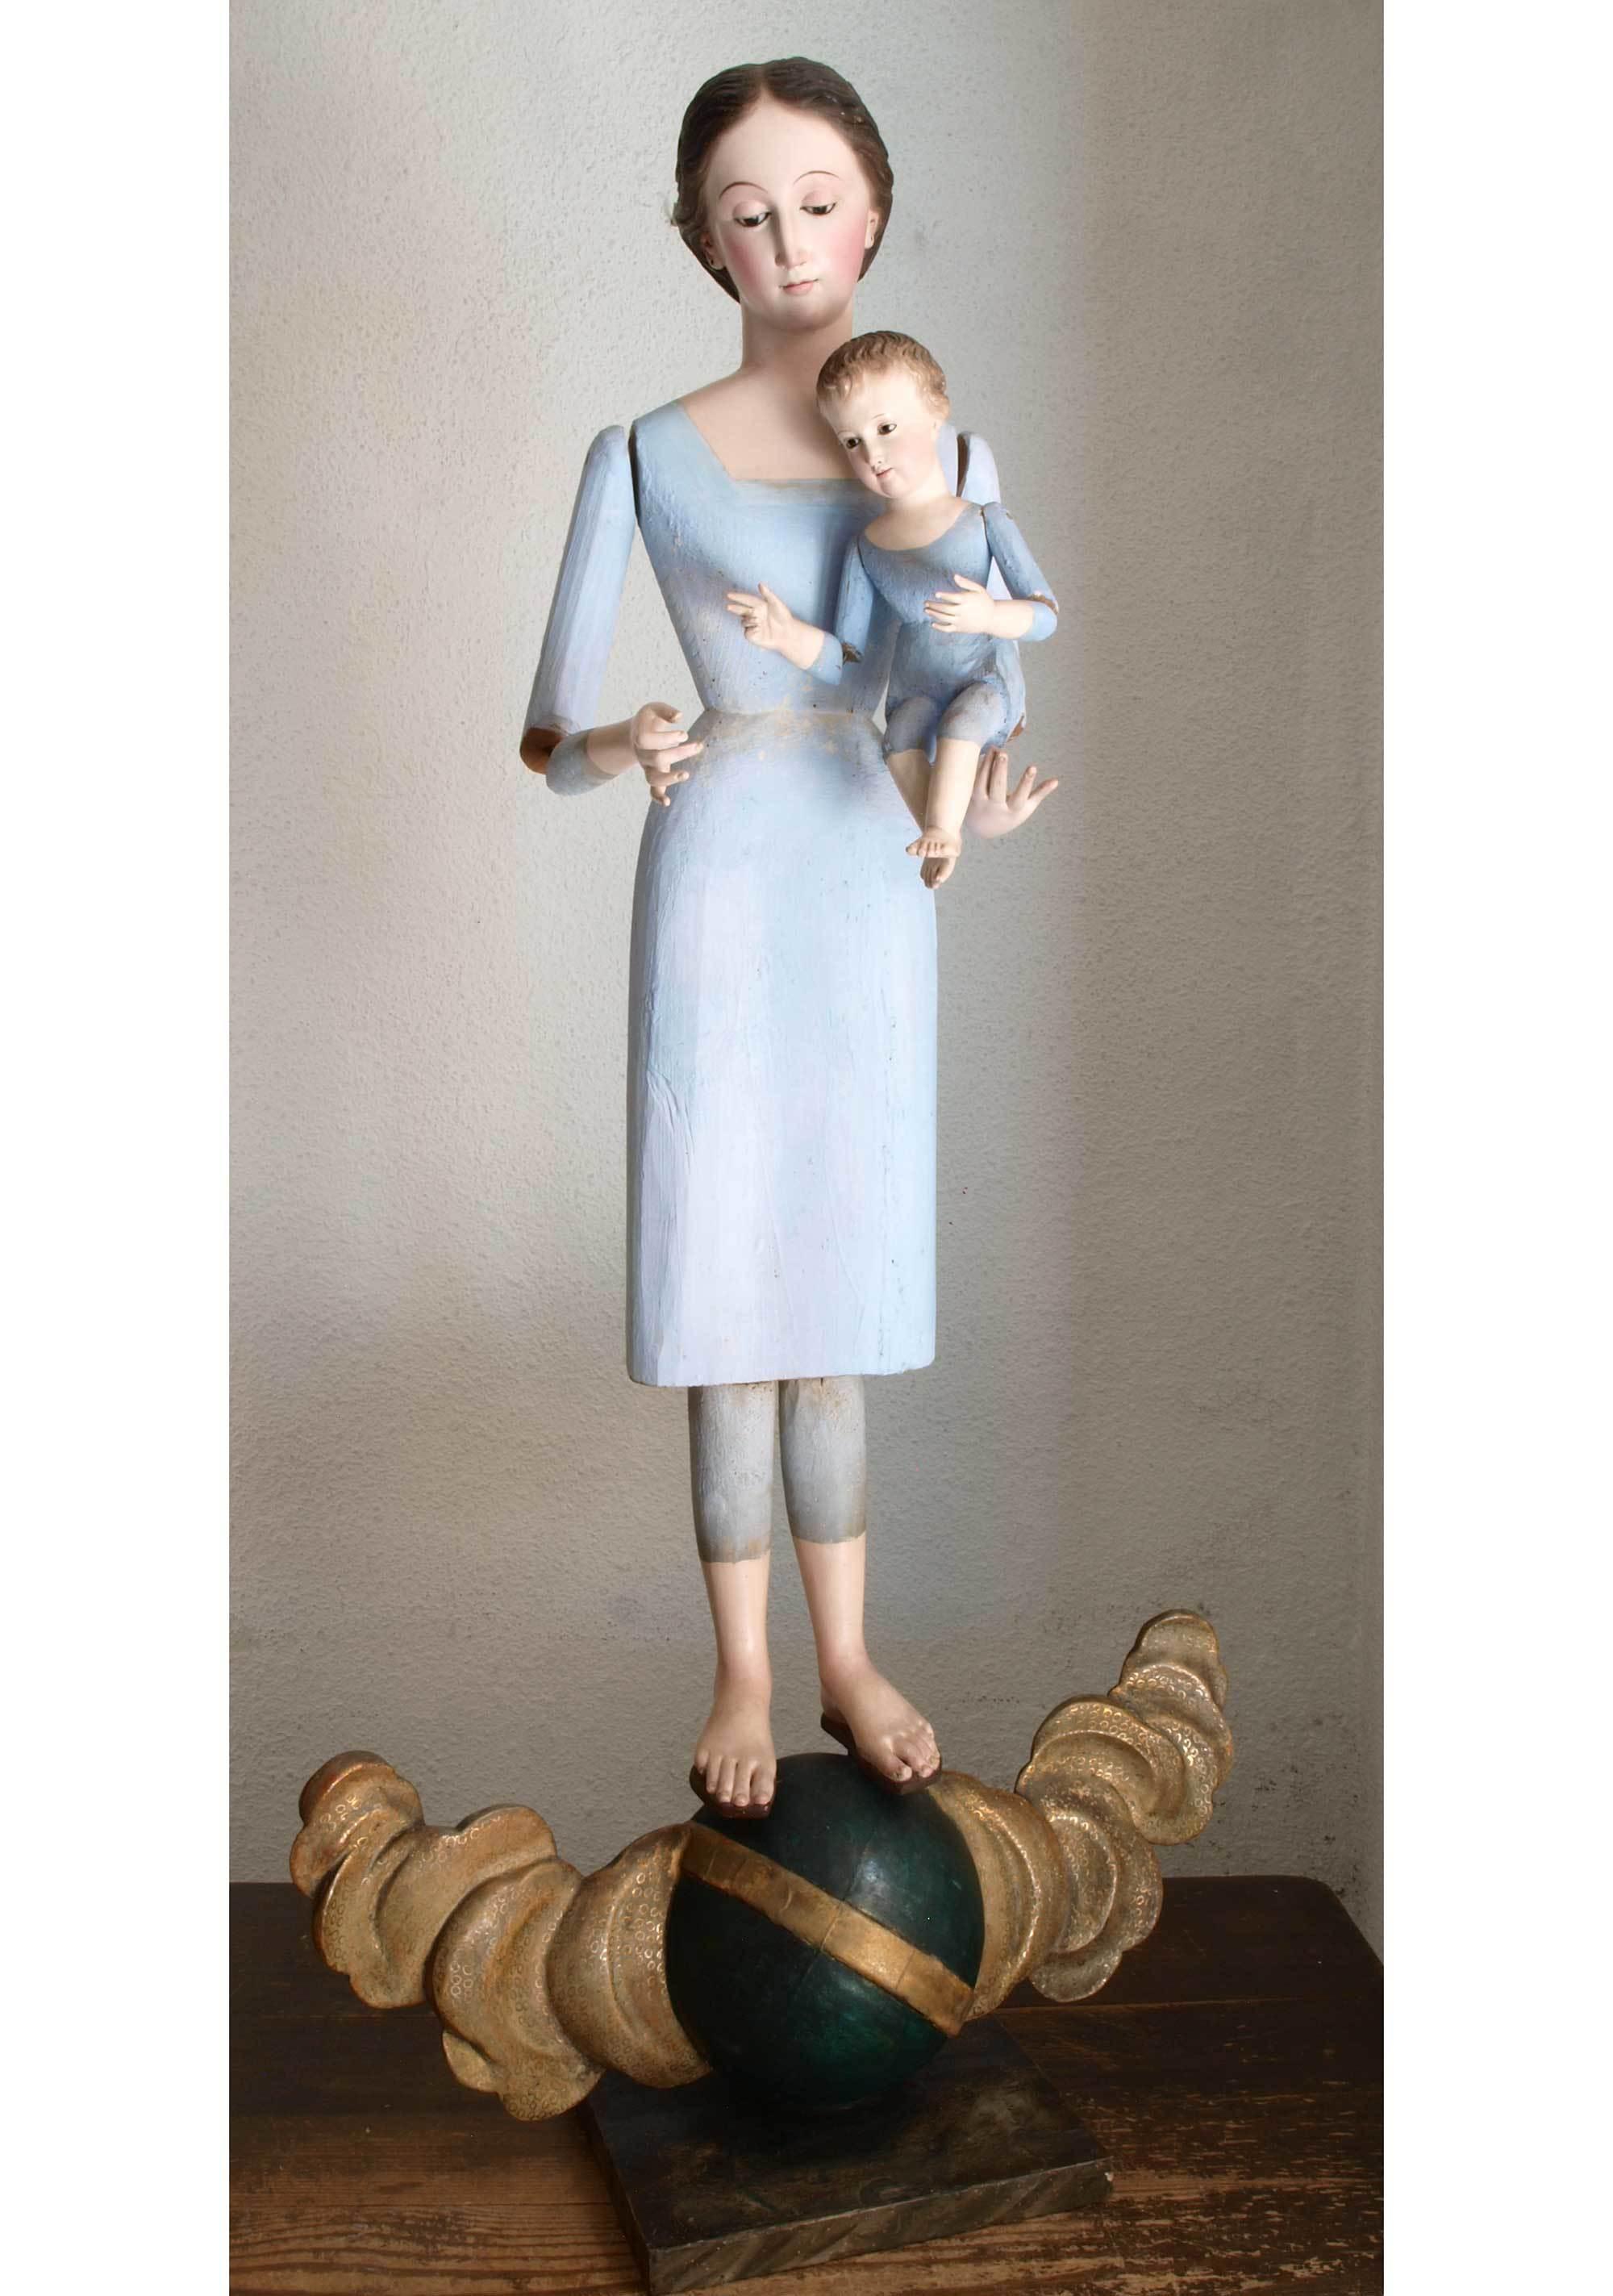 聖母子像 100cm ケージドール /H197_e0324838_03235456.jpg